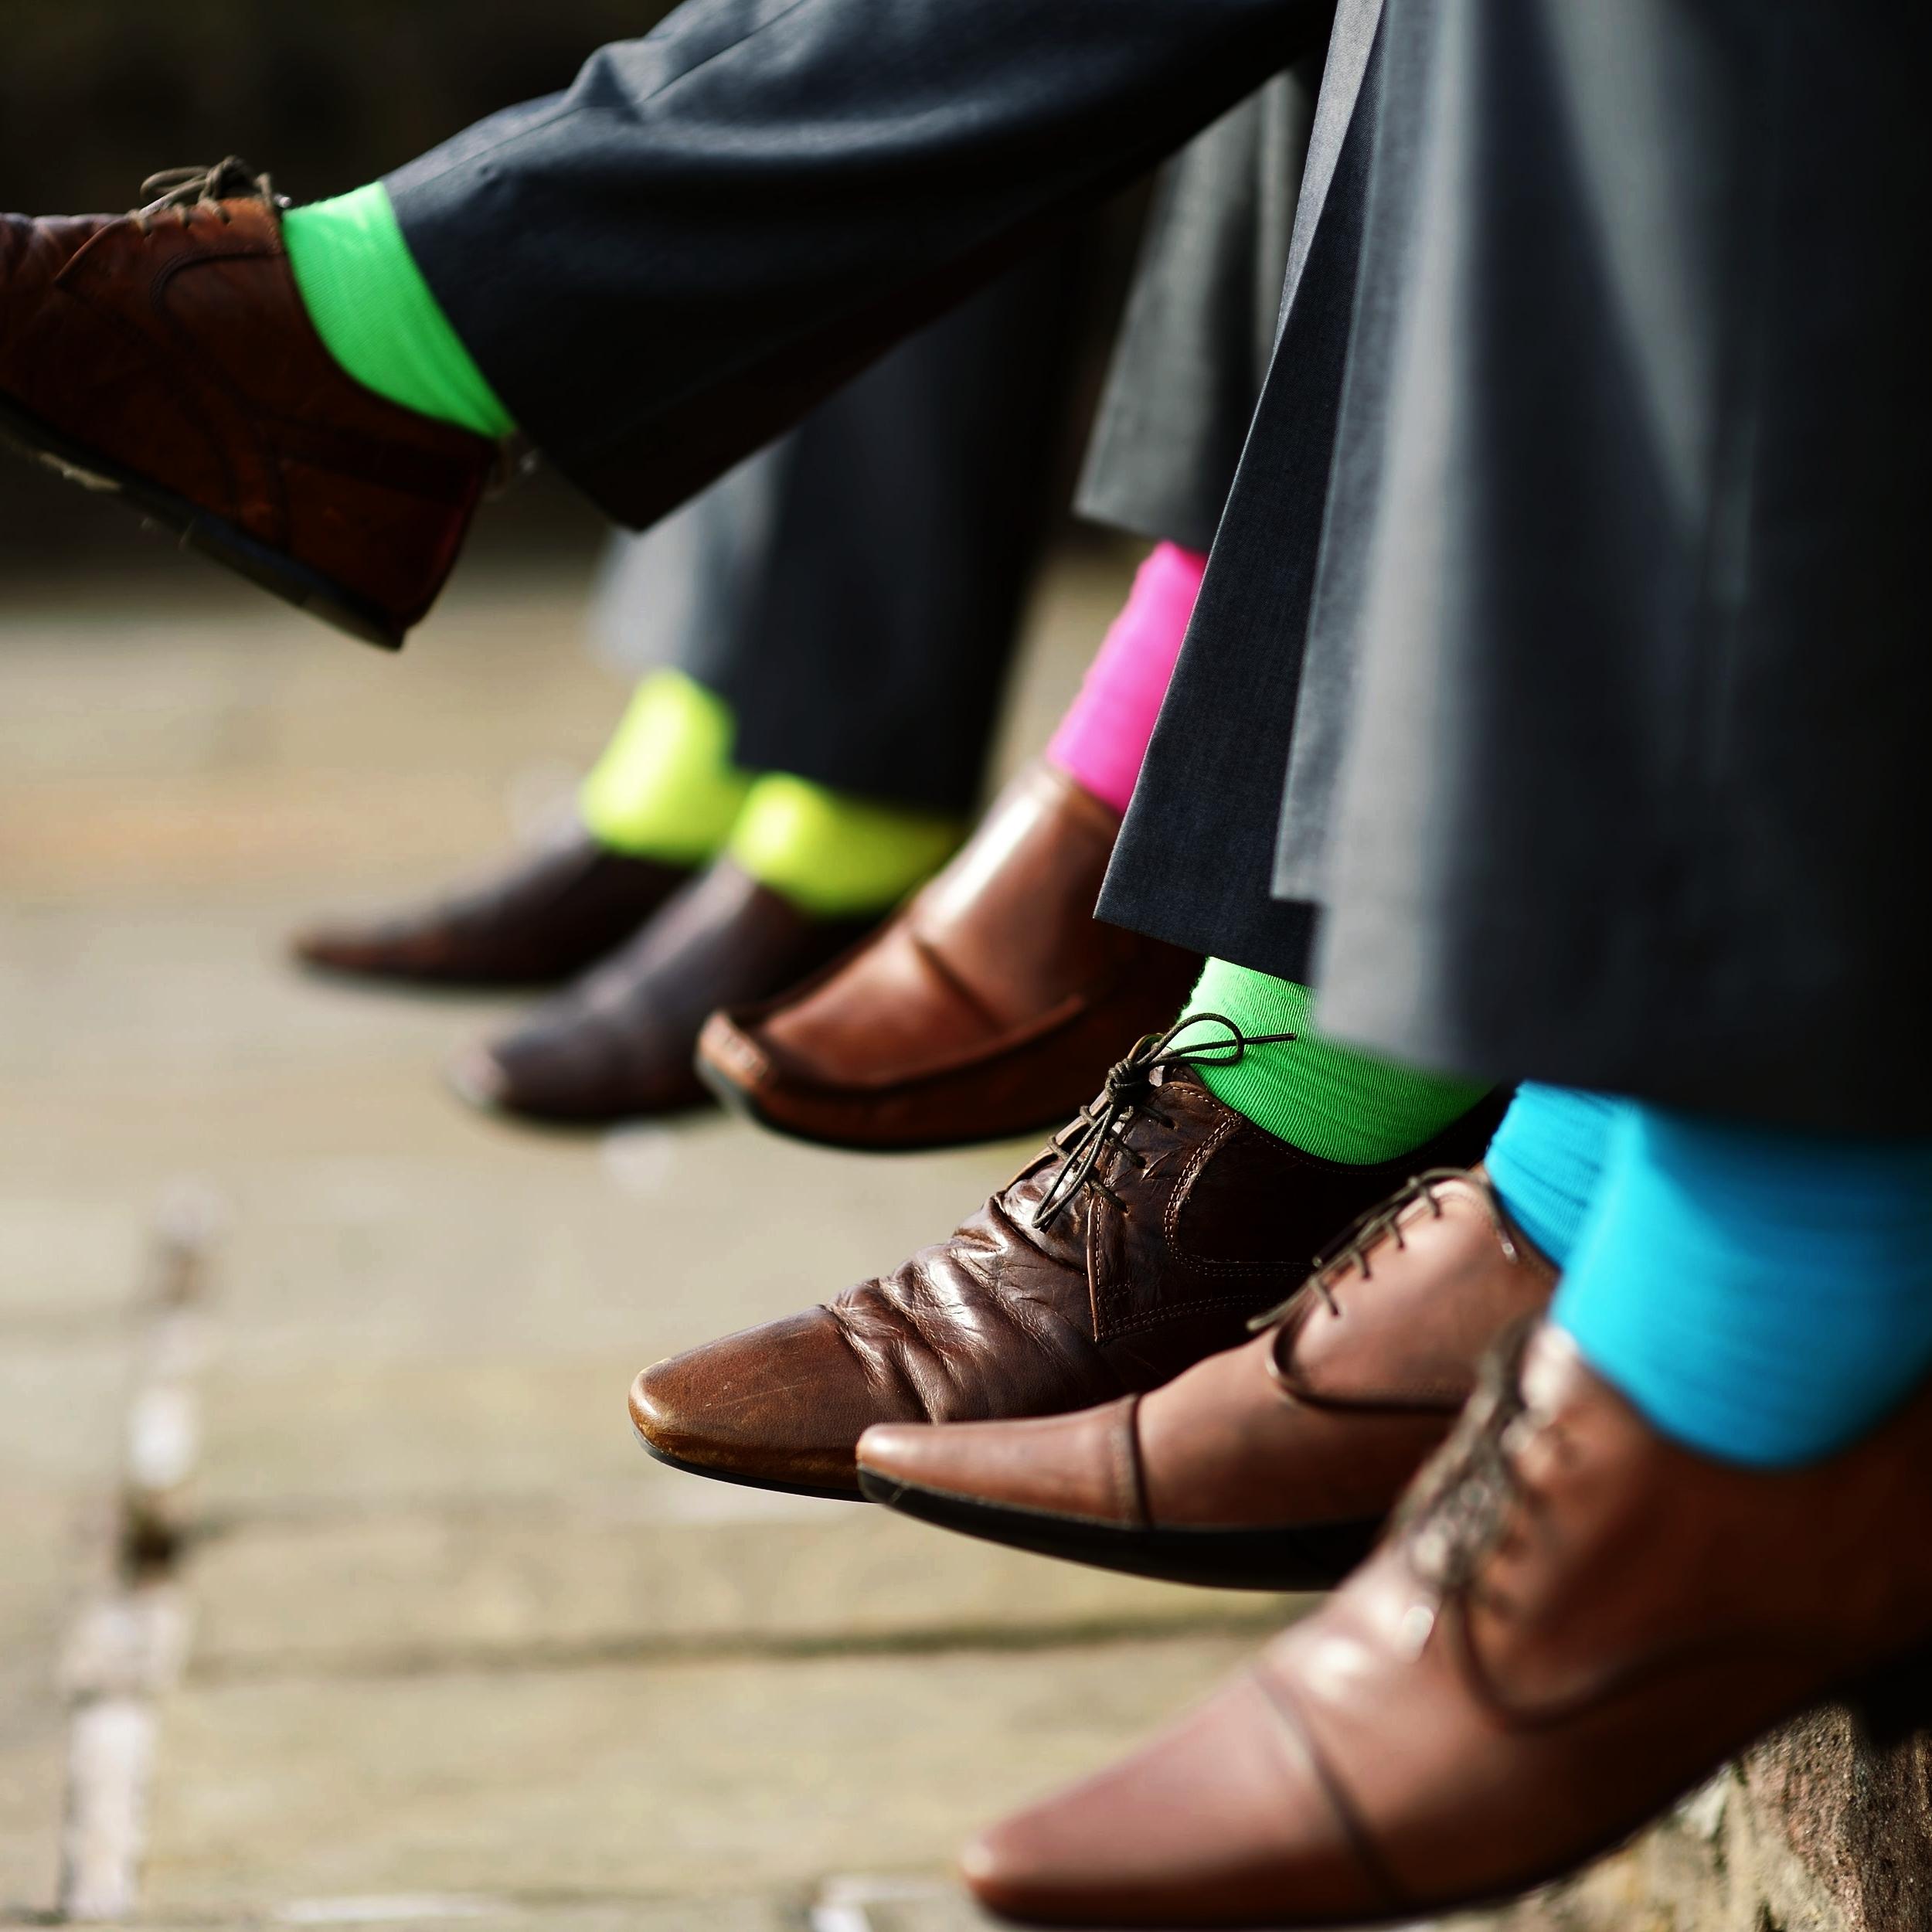 stock-photo-funny-colorful-socks-of-groomsmen-215585809.jpg